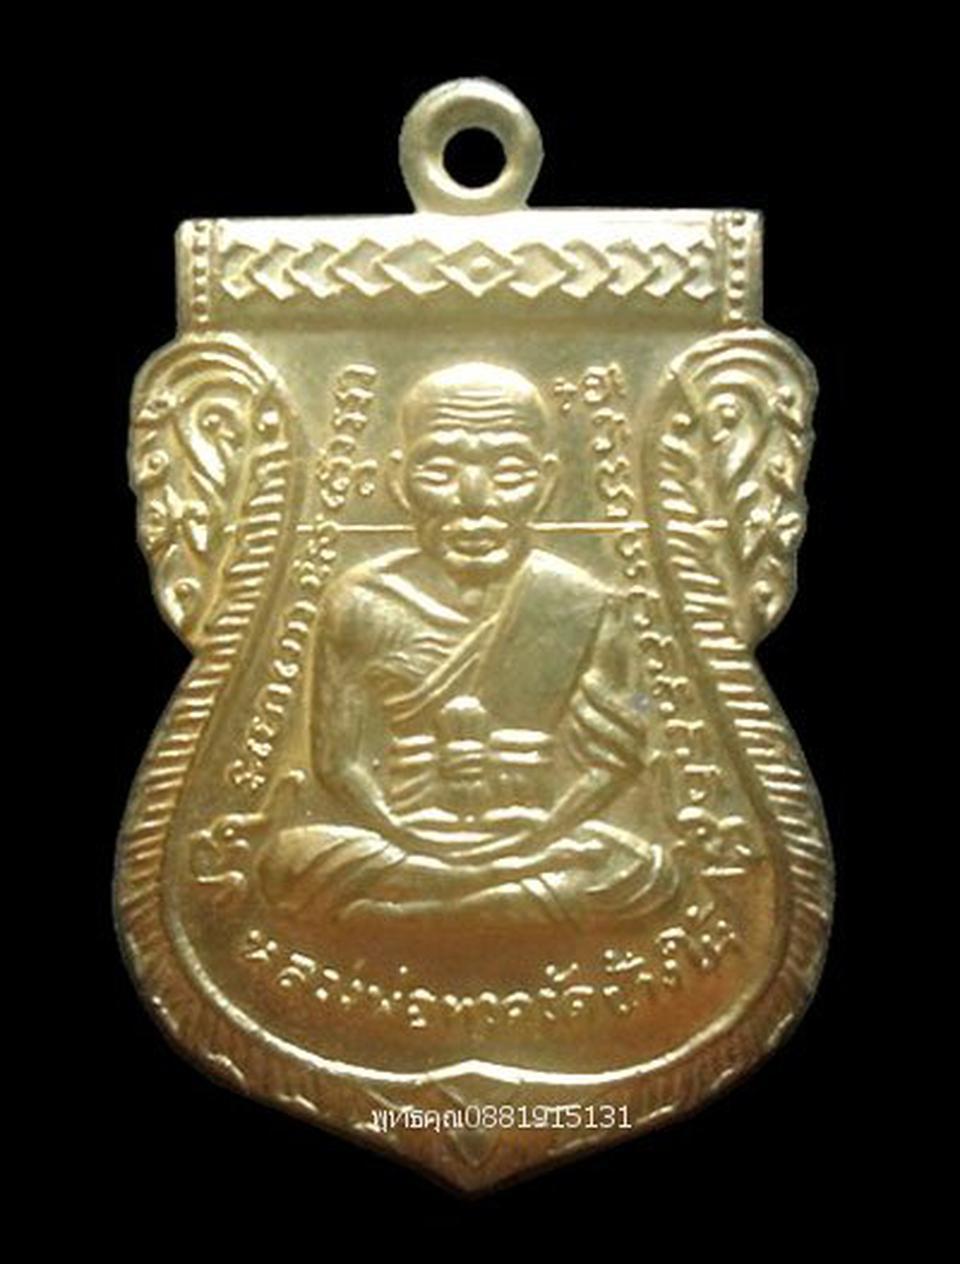 เหรียญหลวงปู่ทวด 100ปี อาจารย์ทิม วัดช้างให้ ปัตตานี 2555 รูปที่ 1